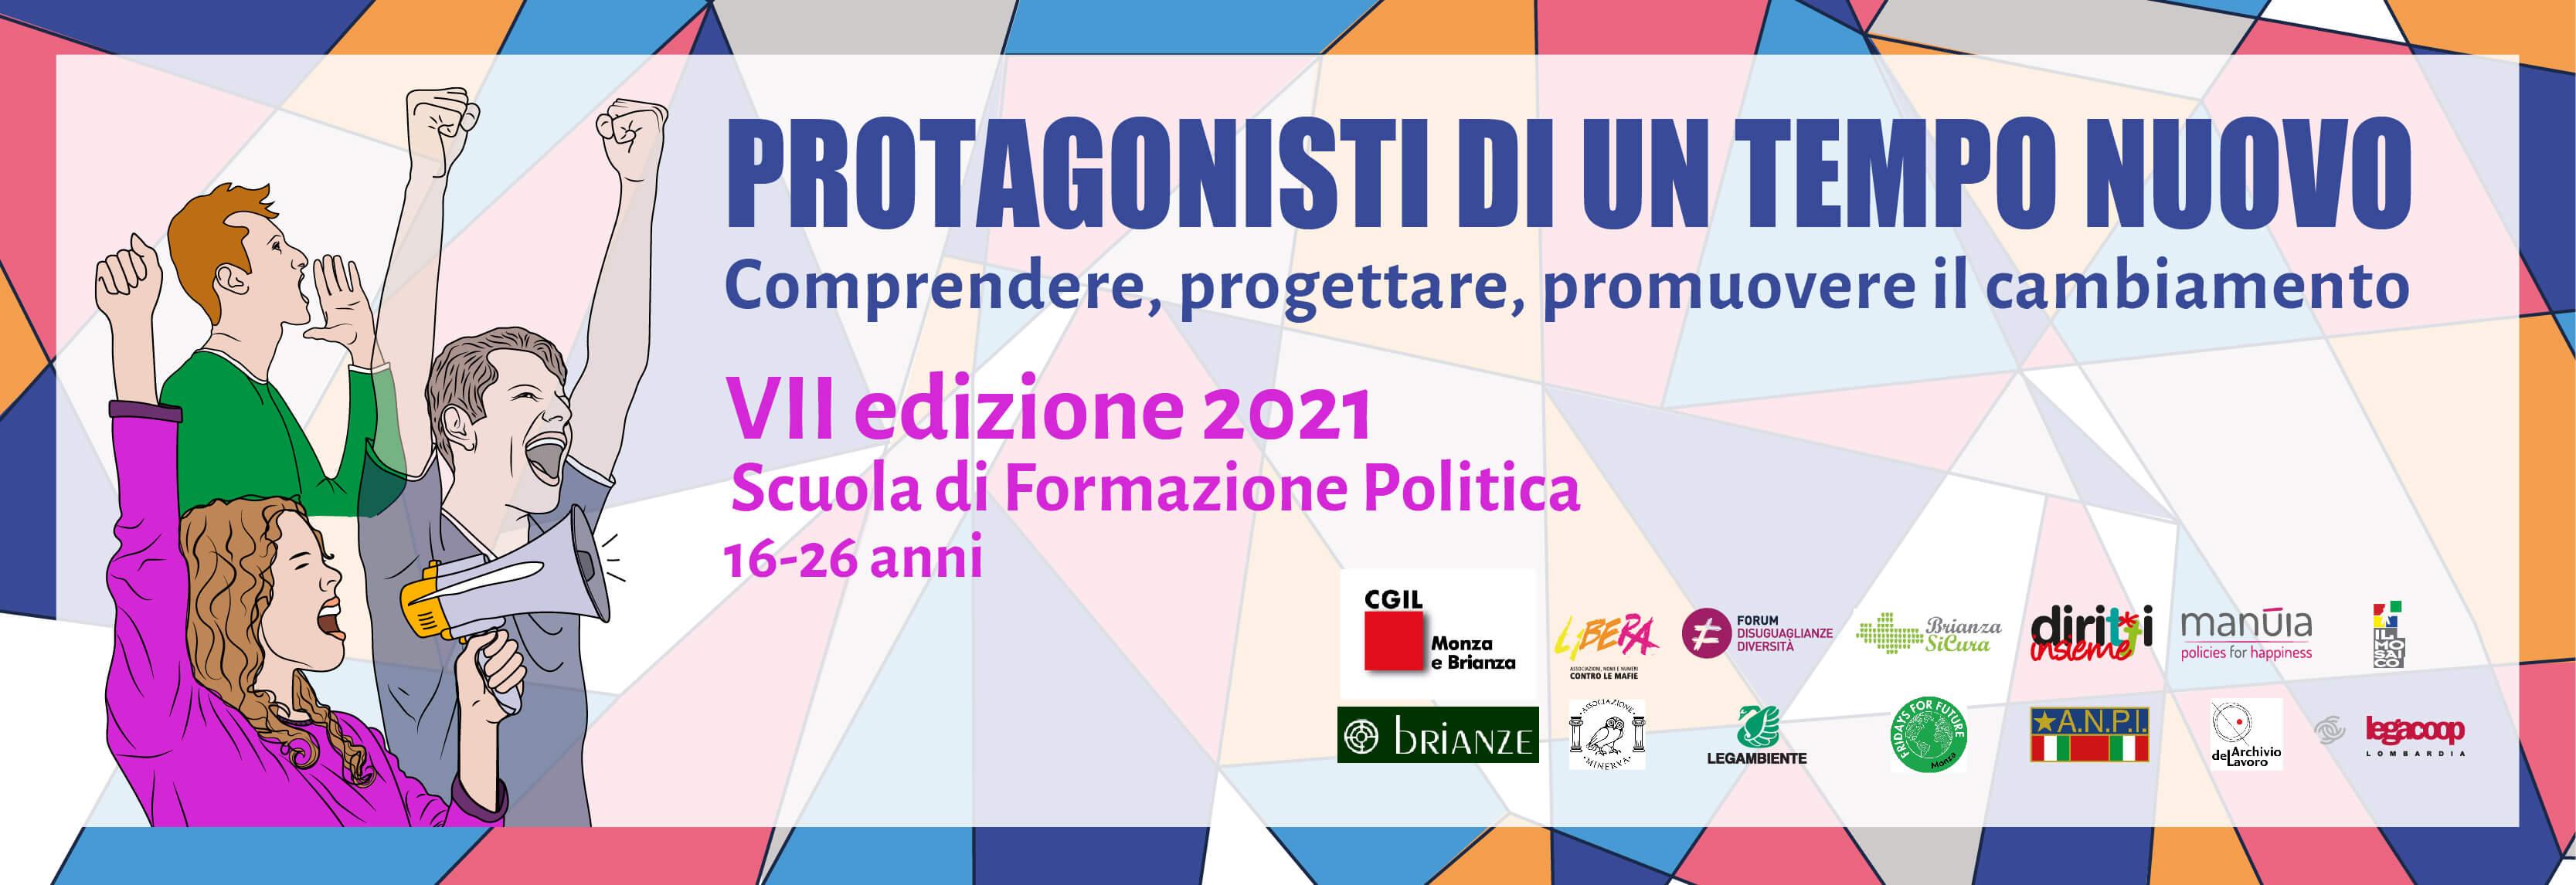 Home - Alisei   Scuola di formazione politica di Monza e Brianza